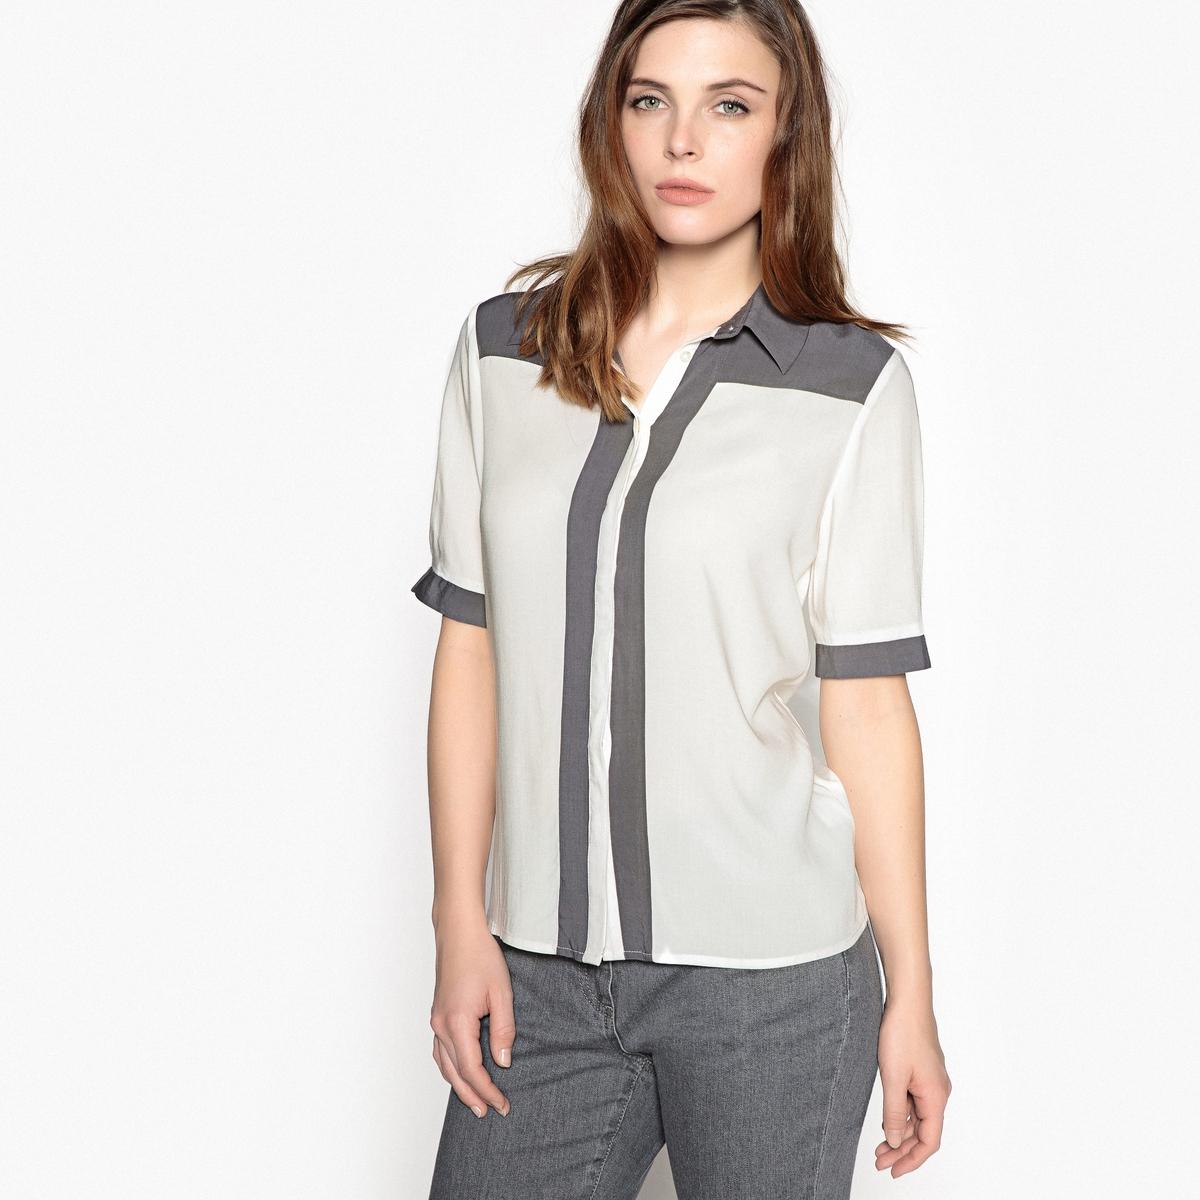 Блузка двухцветная с воротником-поло и рукавами 3/4Описание:Двухцветная блузка, рубашечный воротник. Оригинальная и женственная. Скрытая планка застежки на пуговицы. Короткие рукава, отделка контрастной лентой и разрезы. Детали •  Длина  : удлиненная модель •  Рукава 3/4 •  Прямой покрой •  Воротник-поло, рубашечный •  Графичный рисунокСостав и уход •  100% вискоза  •  Температура стирки 40° на деликатном режиме   •  Сухая чистка и отбеливатели запрещены •  Не использовать барабанную сушку • Средняя температура глажки Отрезные детали контрастного цвета на плечах, вдоль планки застежки на пуговицы и сзади. Длина. 62 см.<br><br>Цвет: экрю/серый